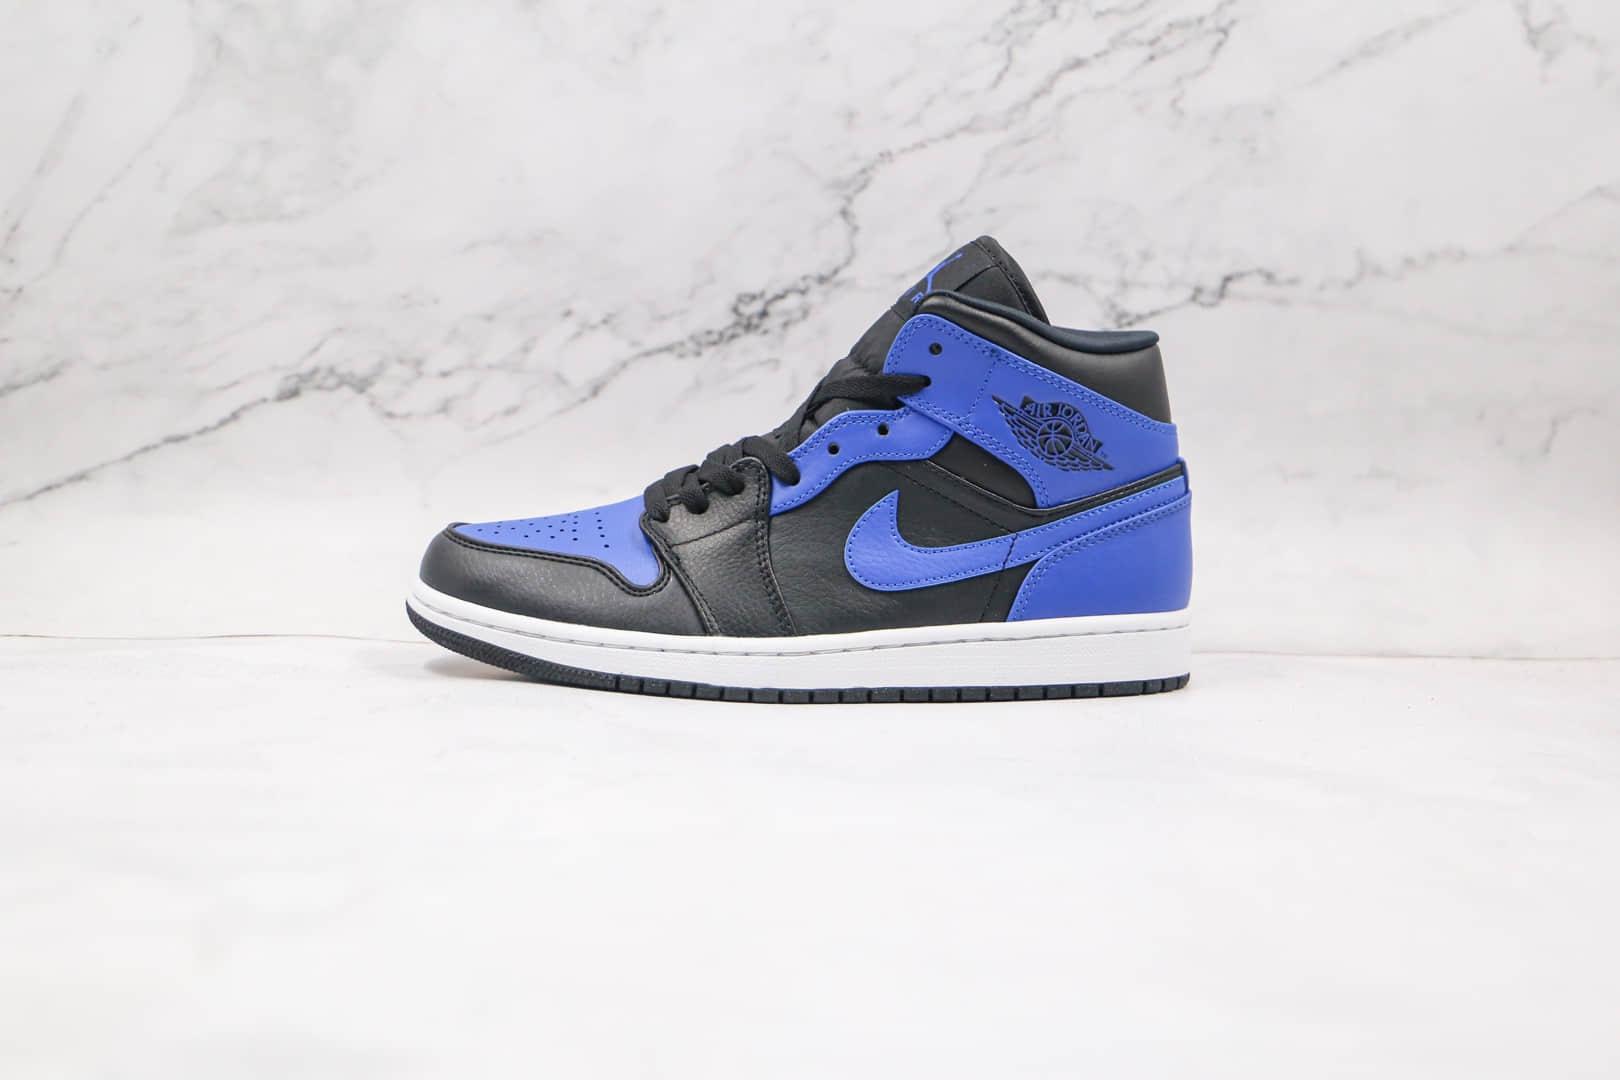 乔丹Air Jordan 1 Mid Hyper Royal纯原版本中帮AJ1皇家蓝篮球鞋原楦头纸板打造 货号:554724-077